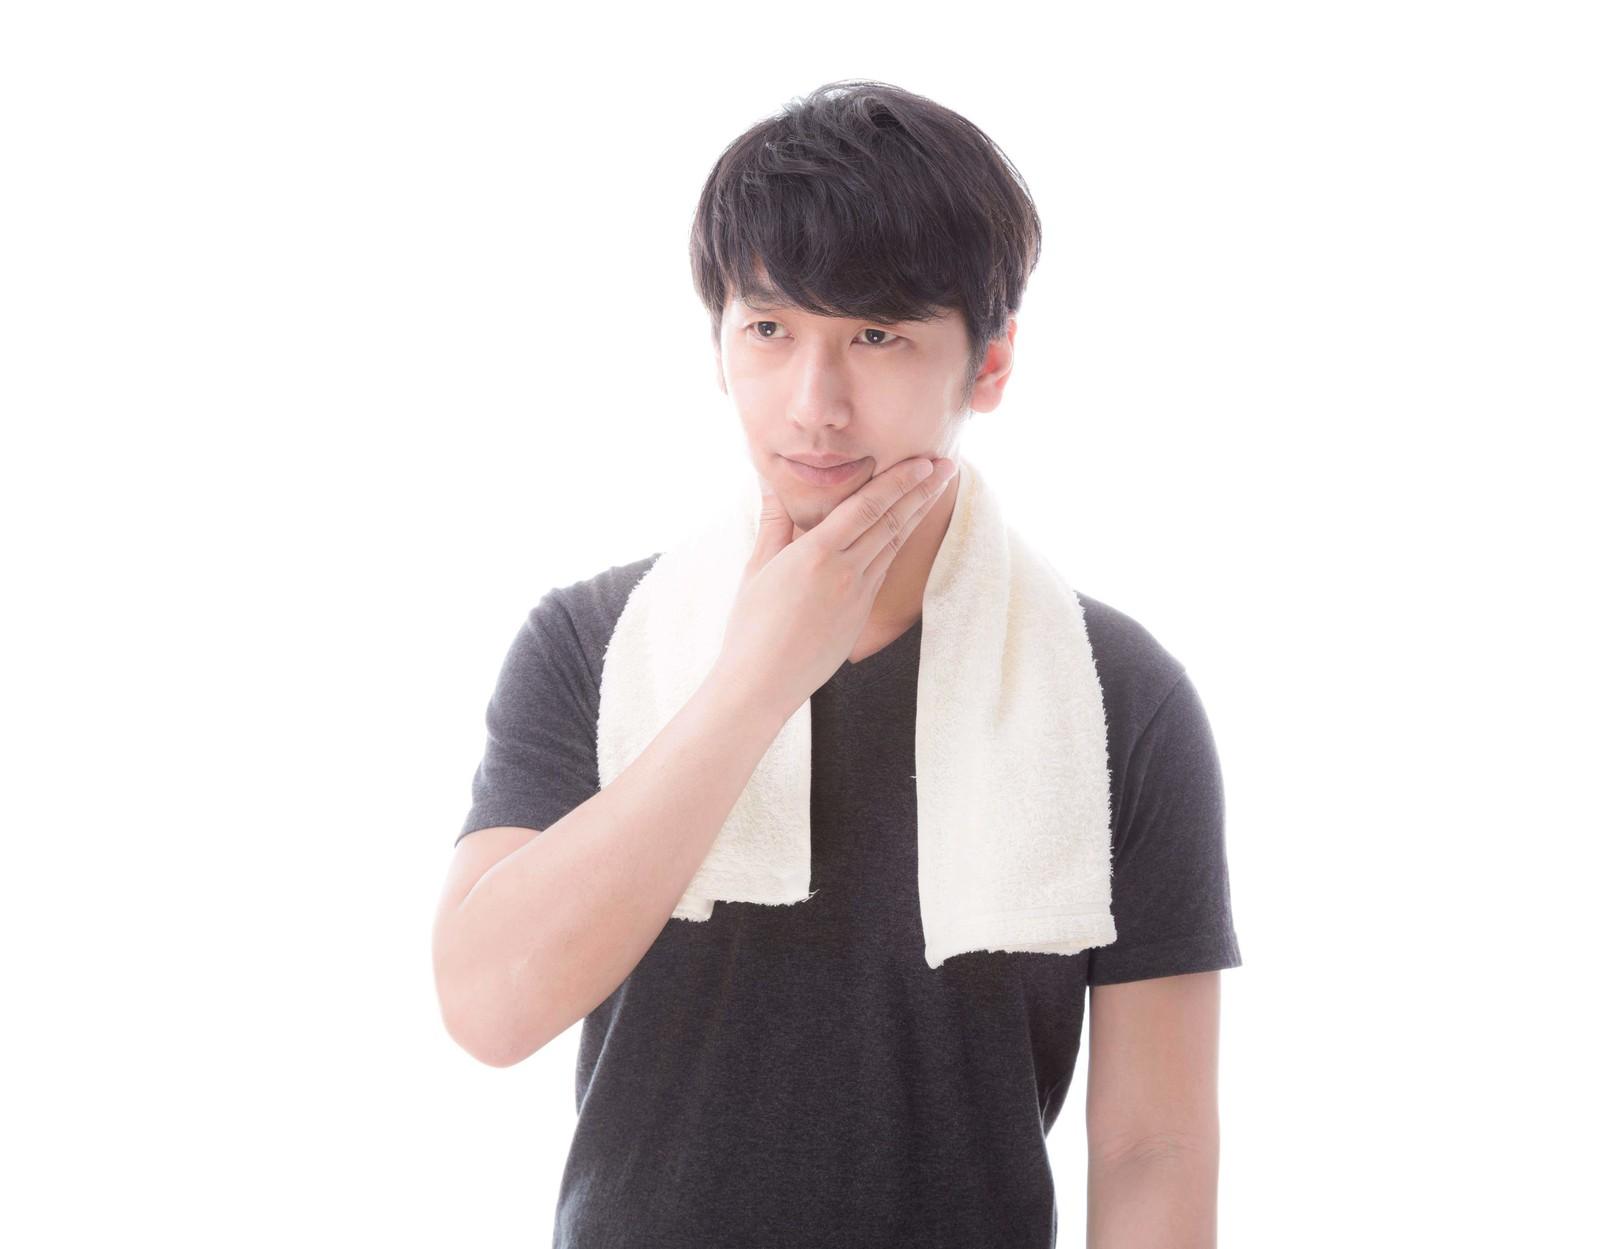 薬用デニーロ_洗顔後の男性